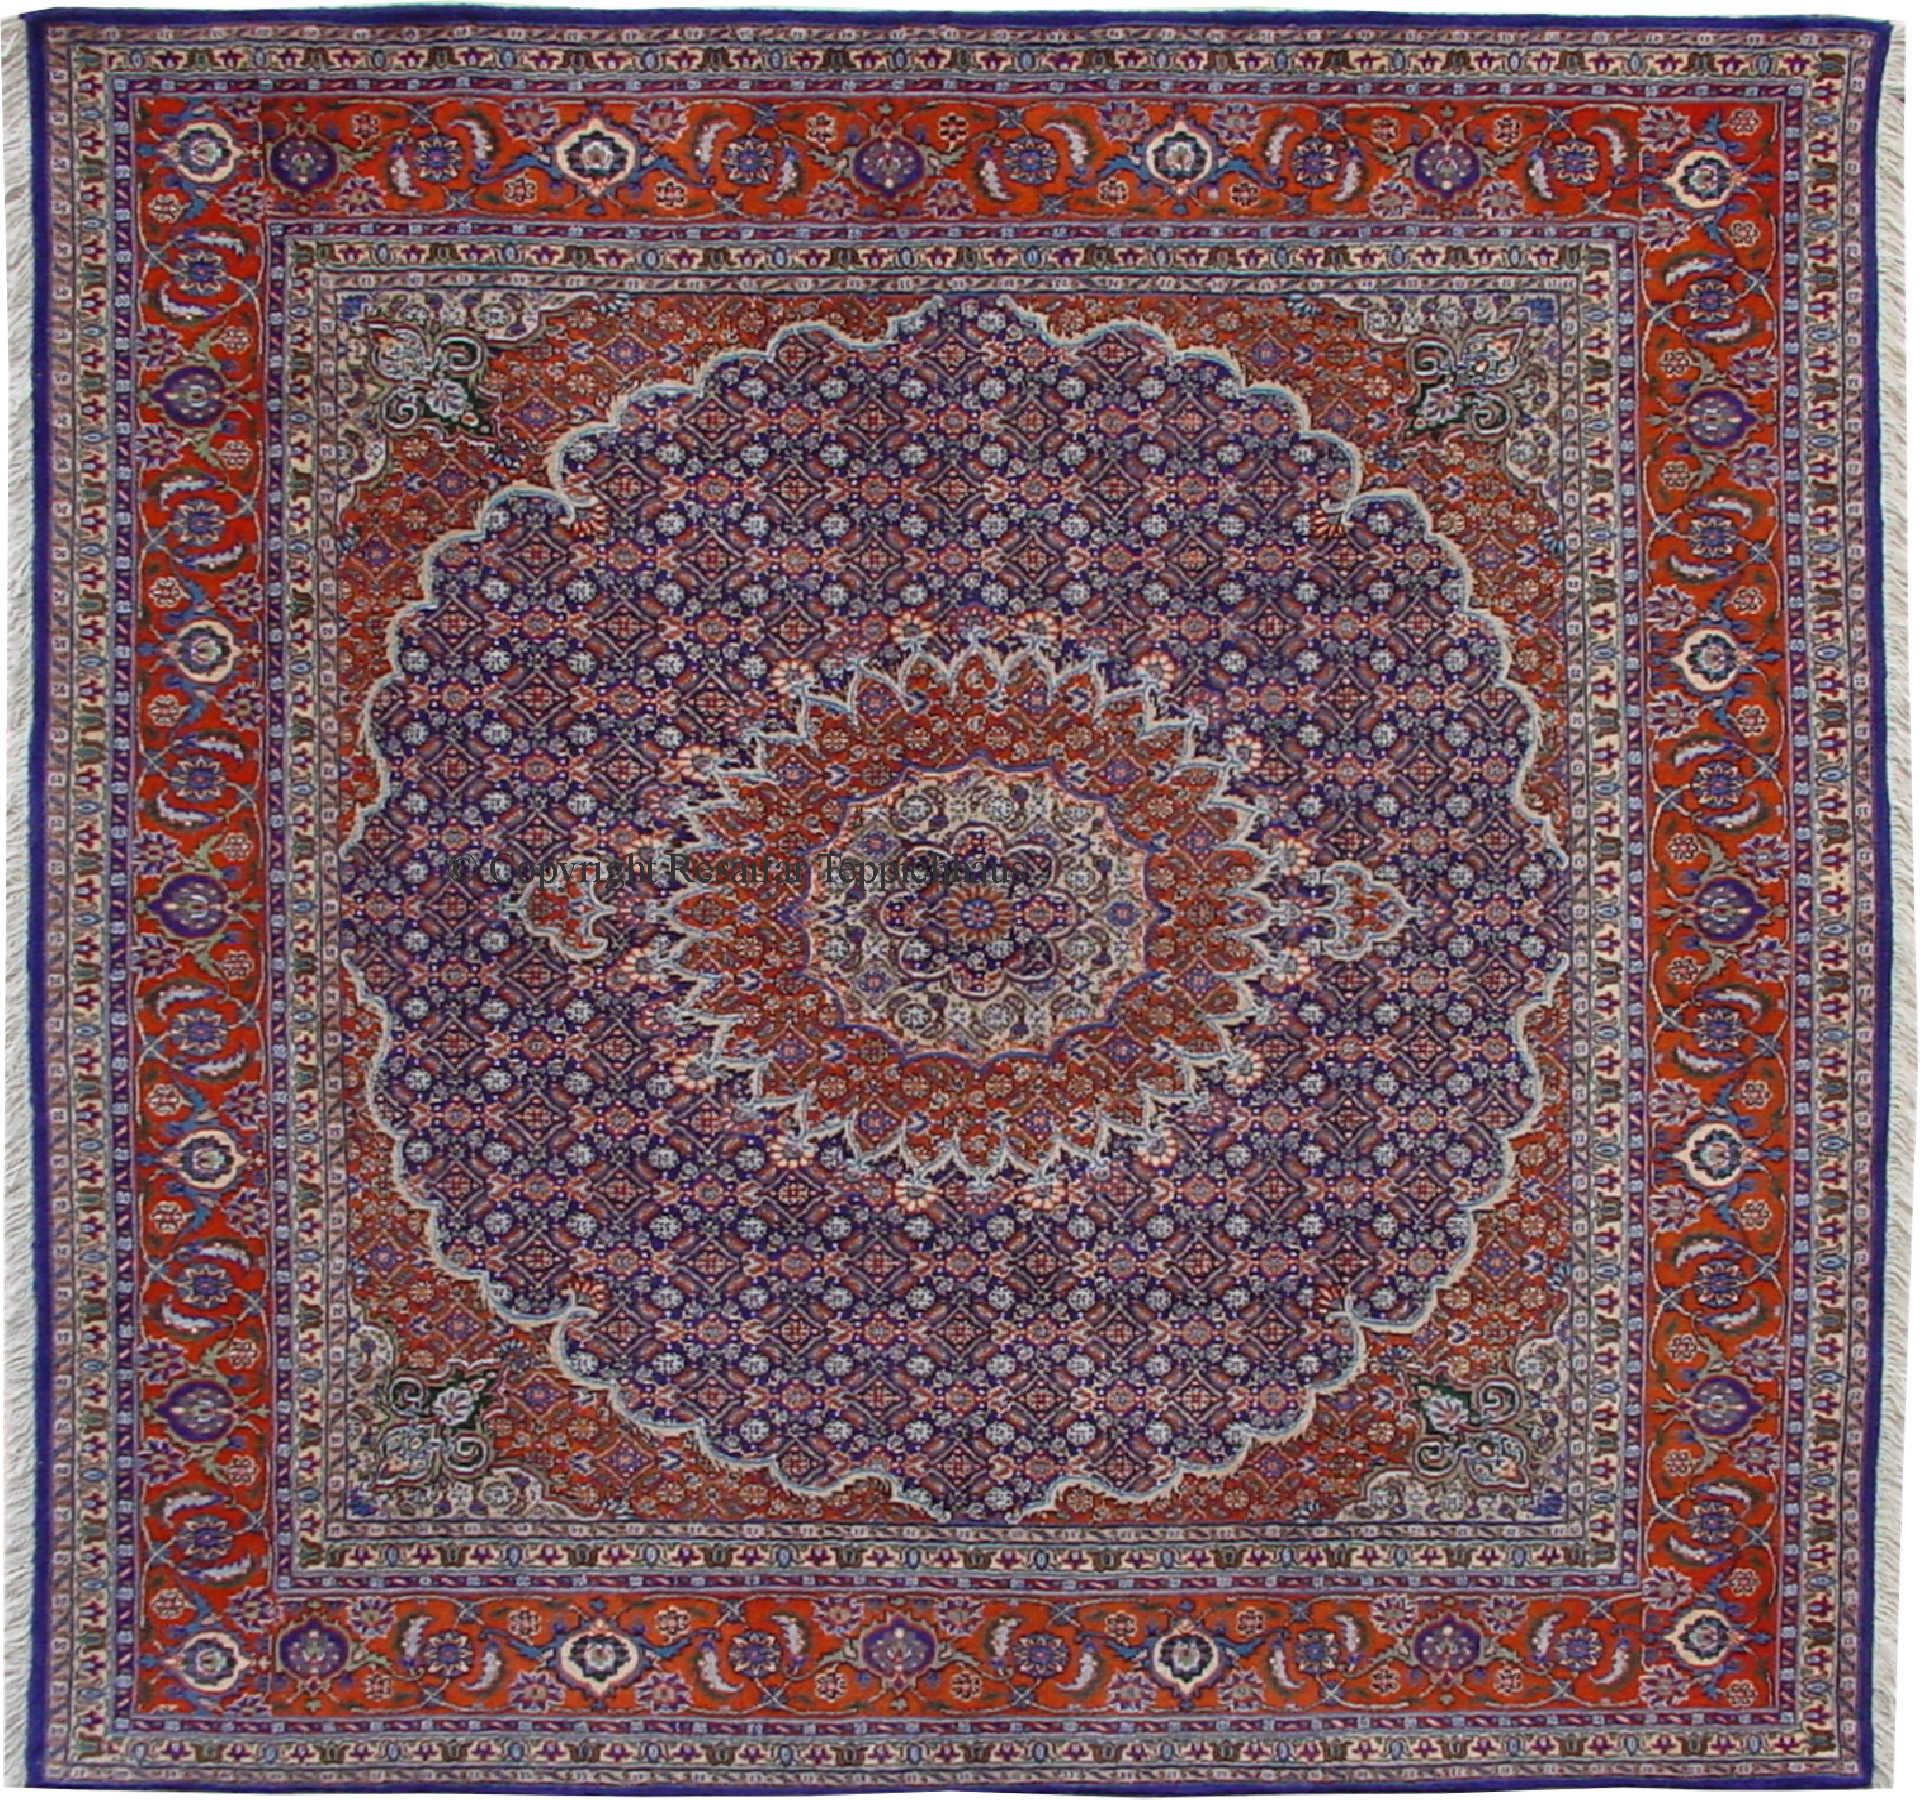 Teppich quadratisch  Klassische Teppiche in Ulm - Neu-Ulm und Umgebung